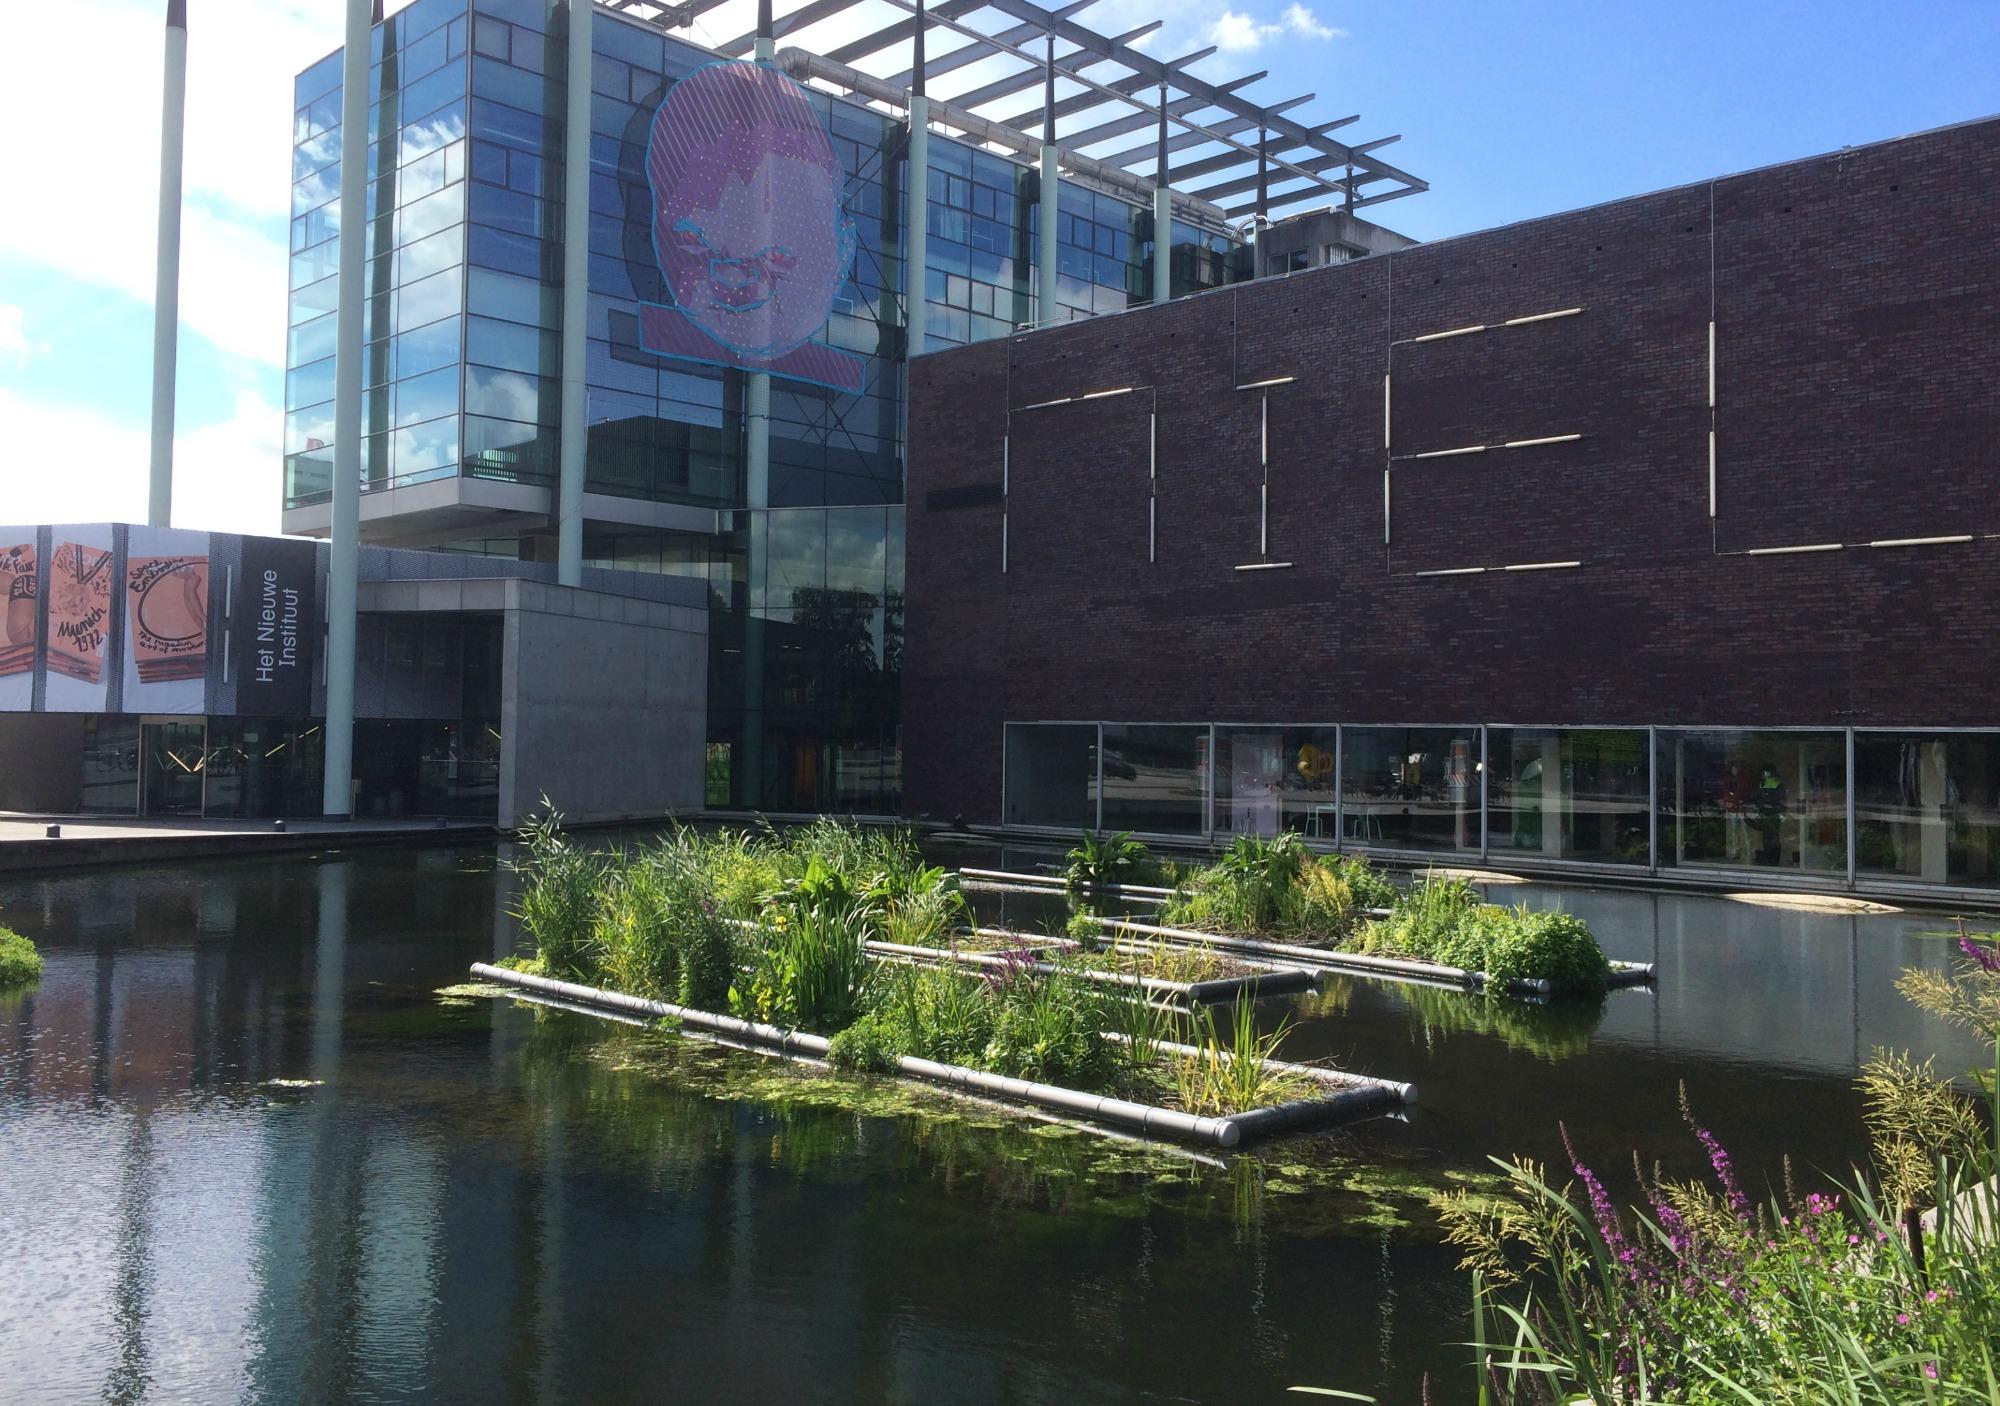 Het-Nieuwe-Instituut-2_cropped.jpg